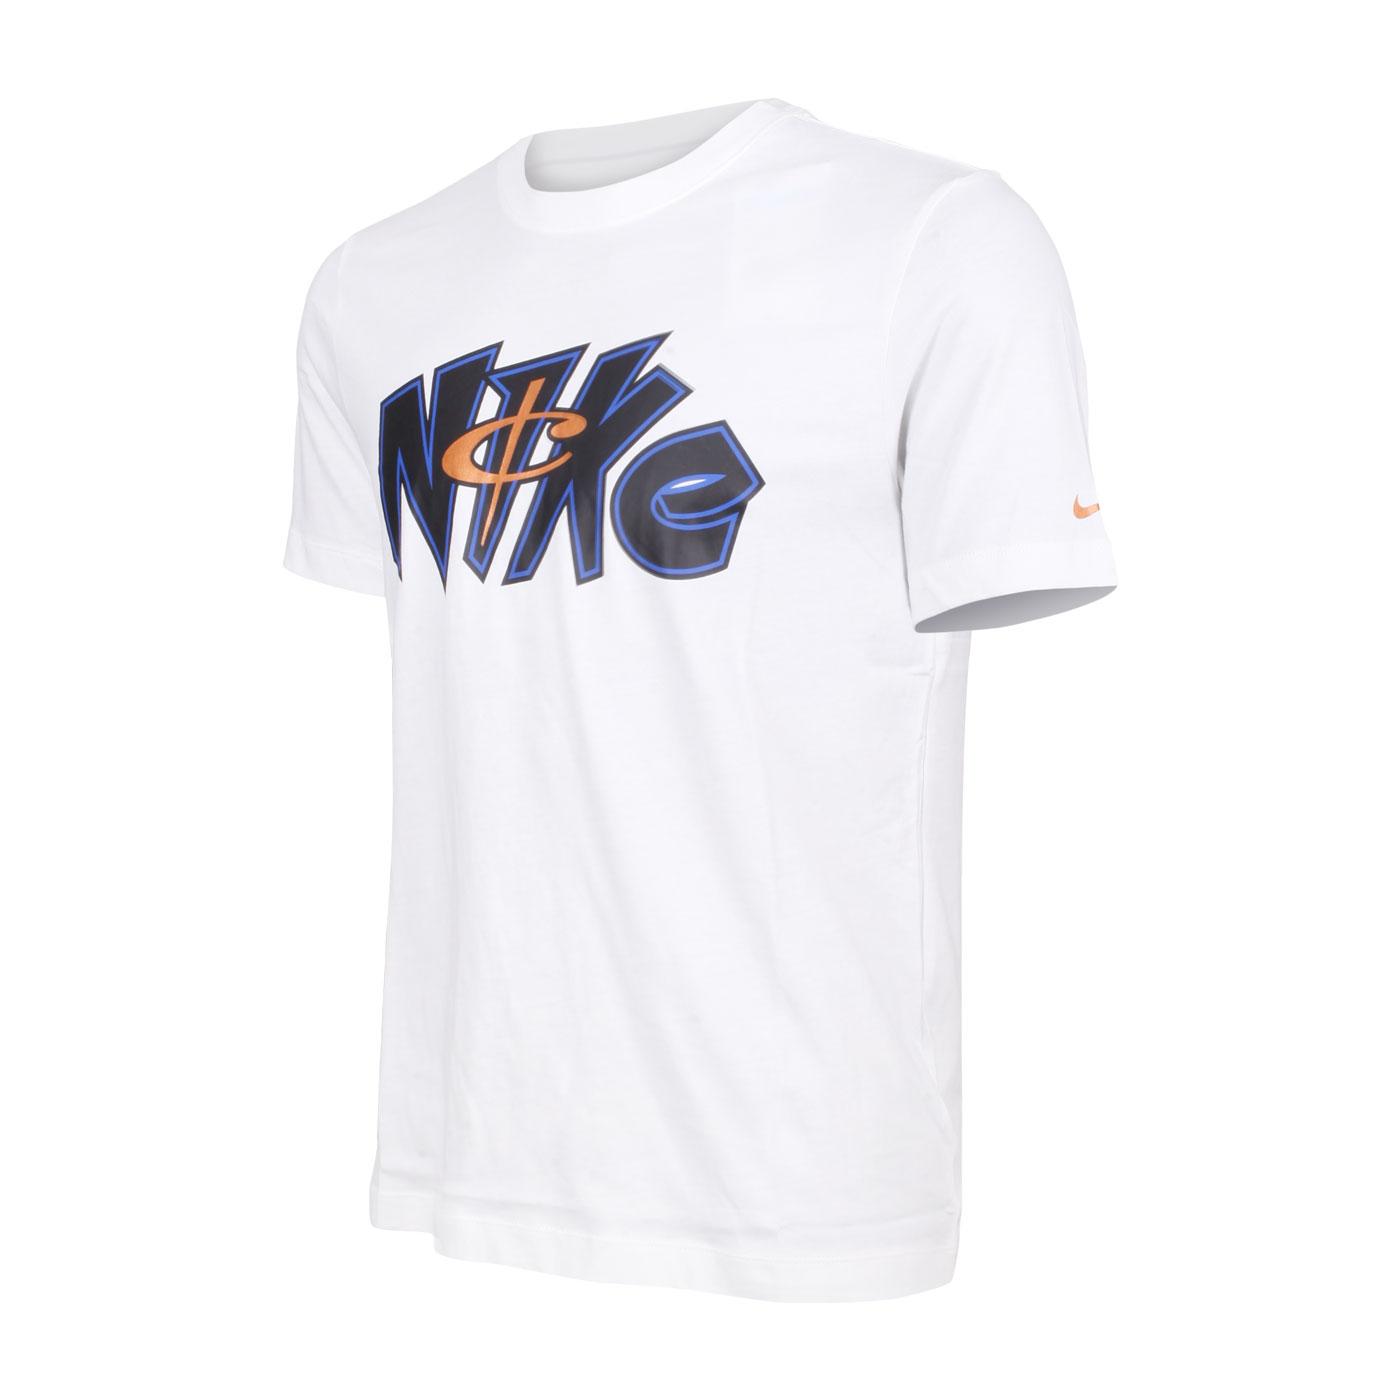 NIKE 男款短袖T恤 DM2444-100